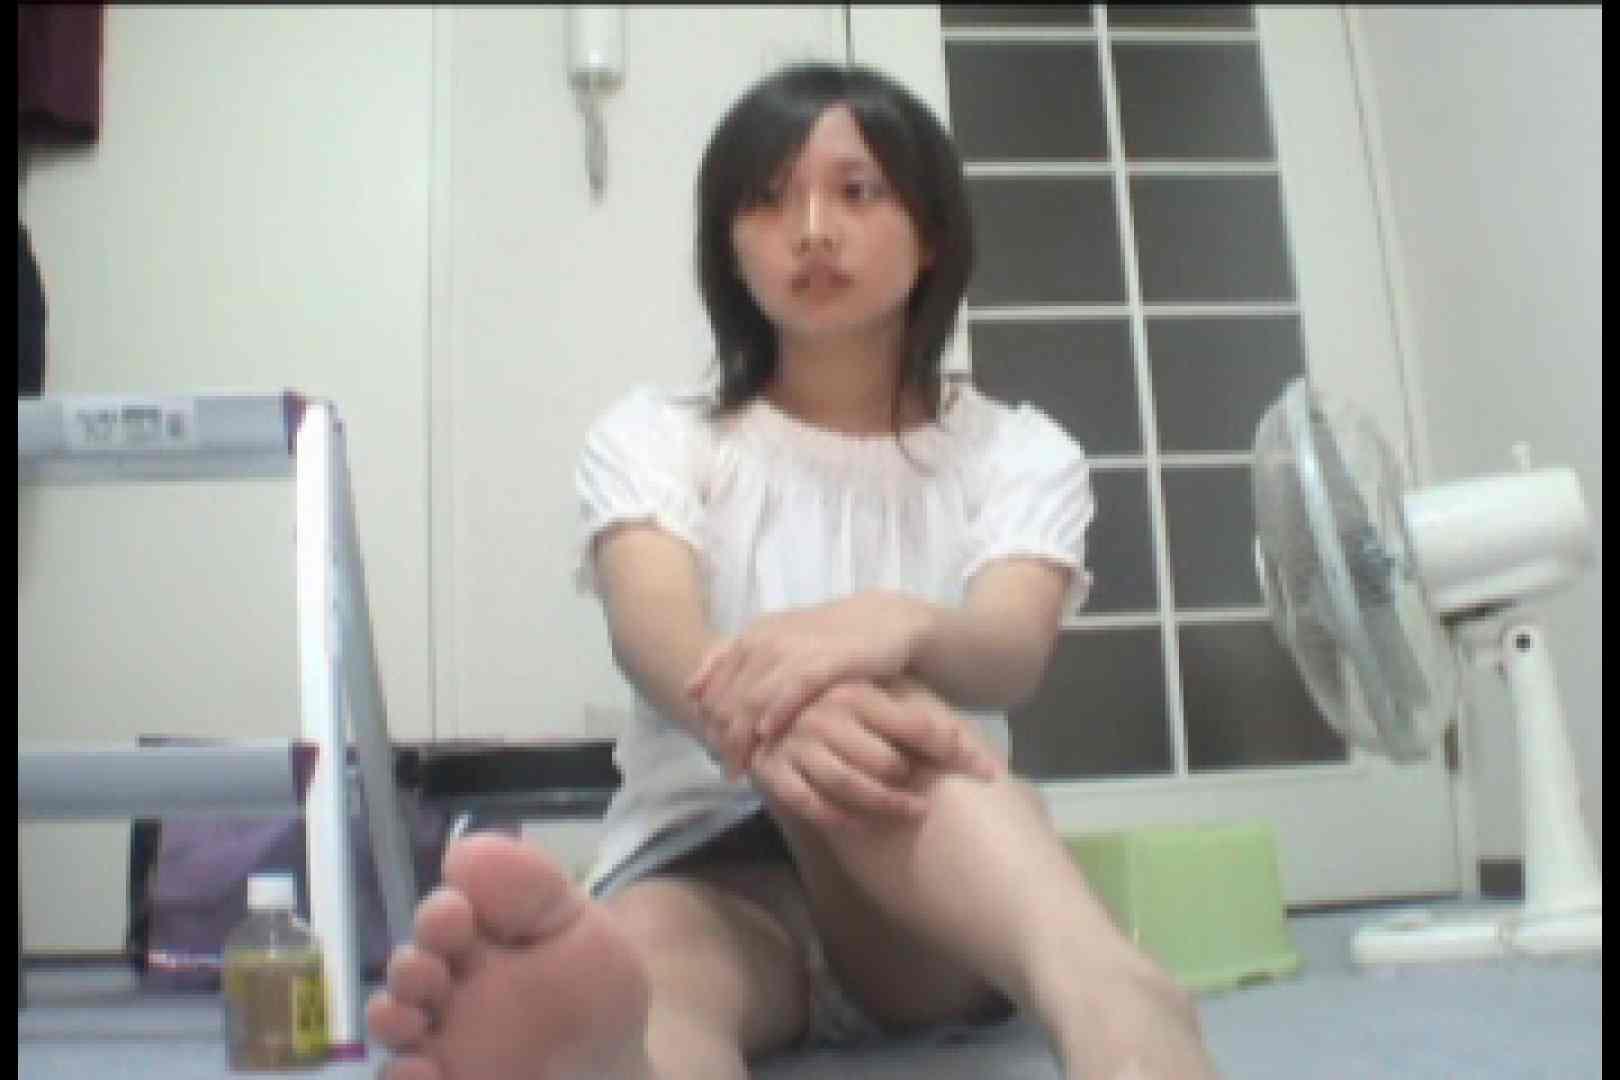 パンツ売りの女の子 むみちゃんvol.1 OL  112pic 88